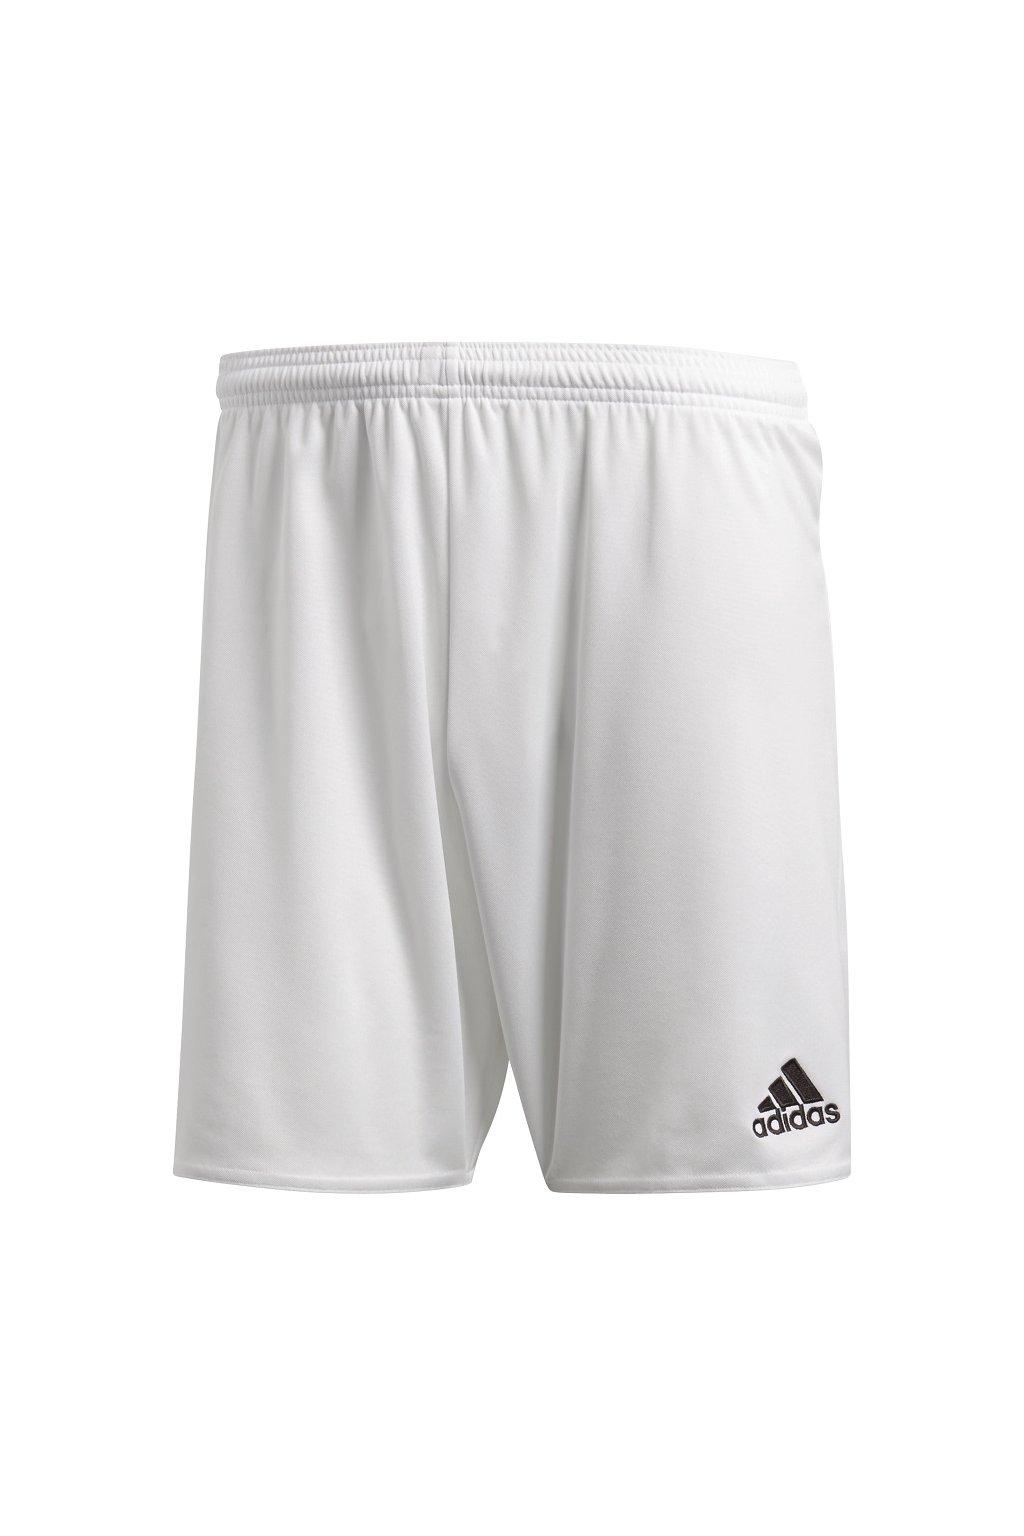 Detské kraťasy Adidas Parma 16 JUNIOR biele AC5254